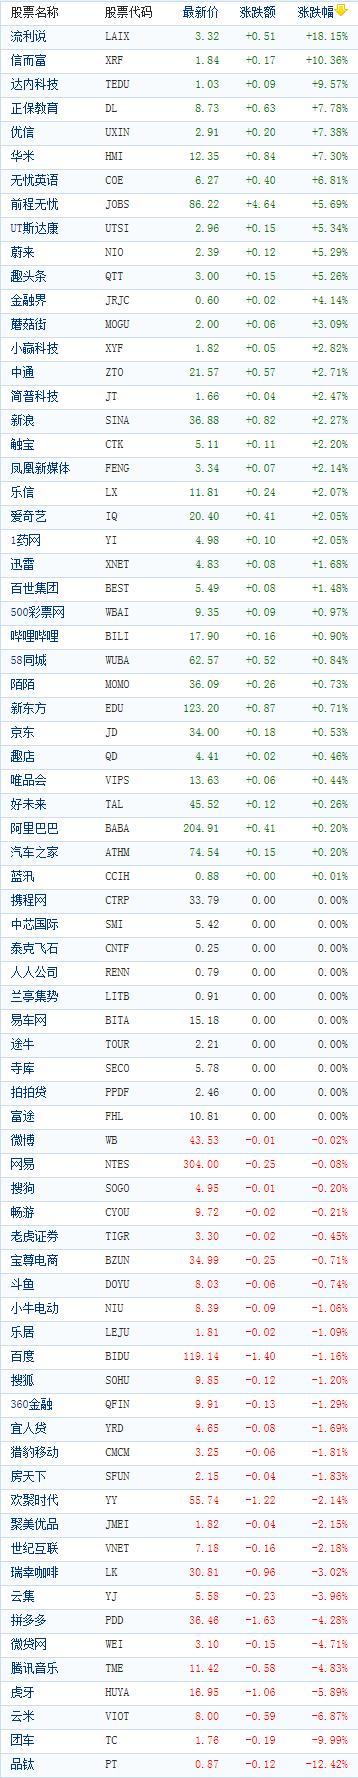 中国概念股周五收盘涨跌互现 流利说大涨逾18%